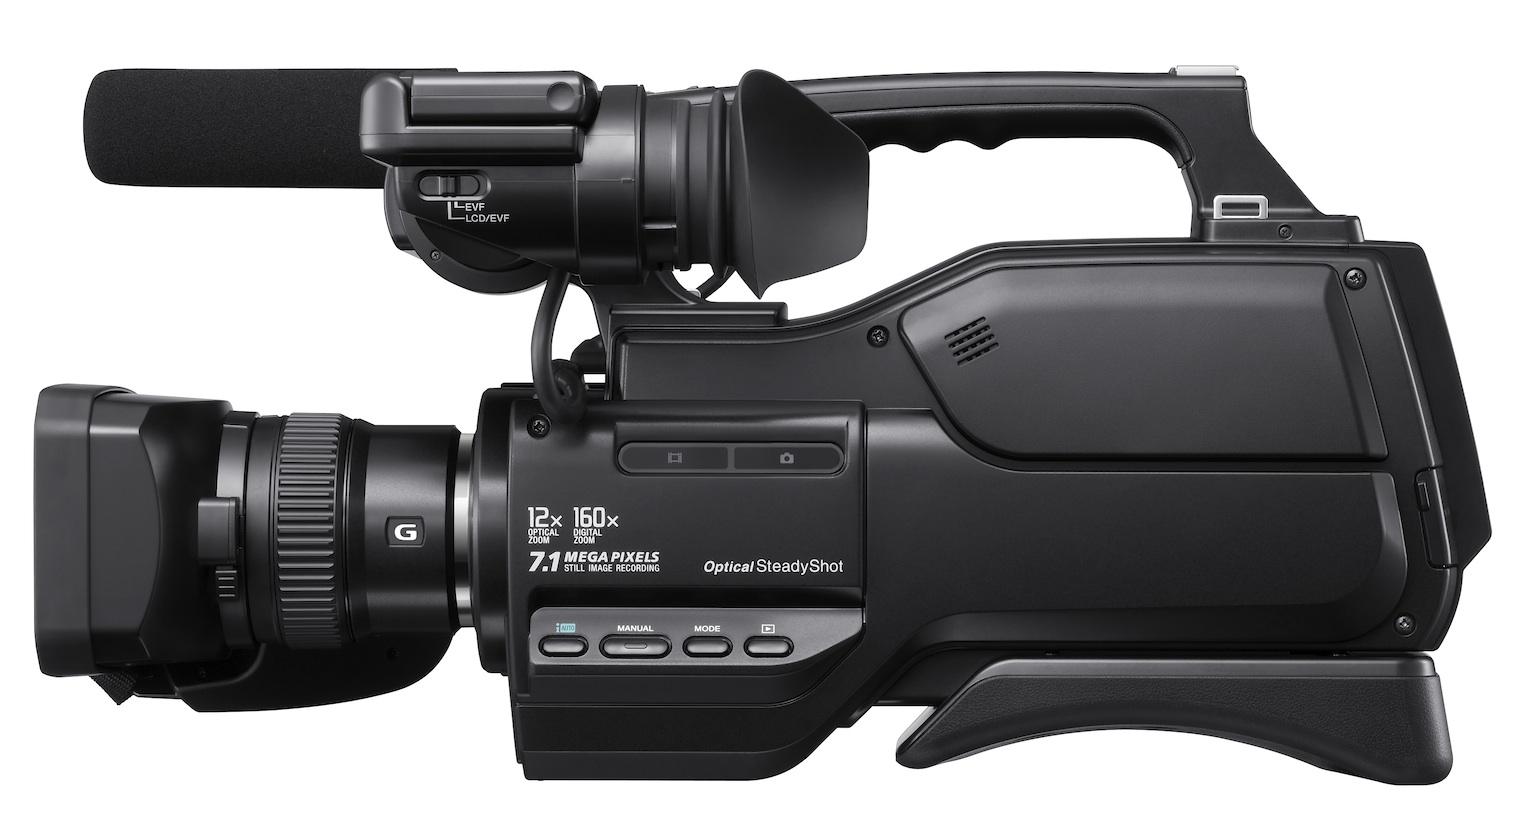 Urbanfoxtv Blog October 2010 Panasonic Hc V385 Hd Camcorder Kamera Video Shoulder Mounted Avchd Cameras